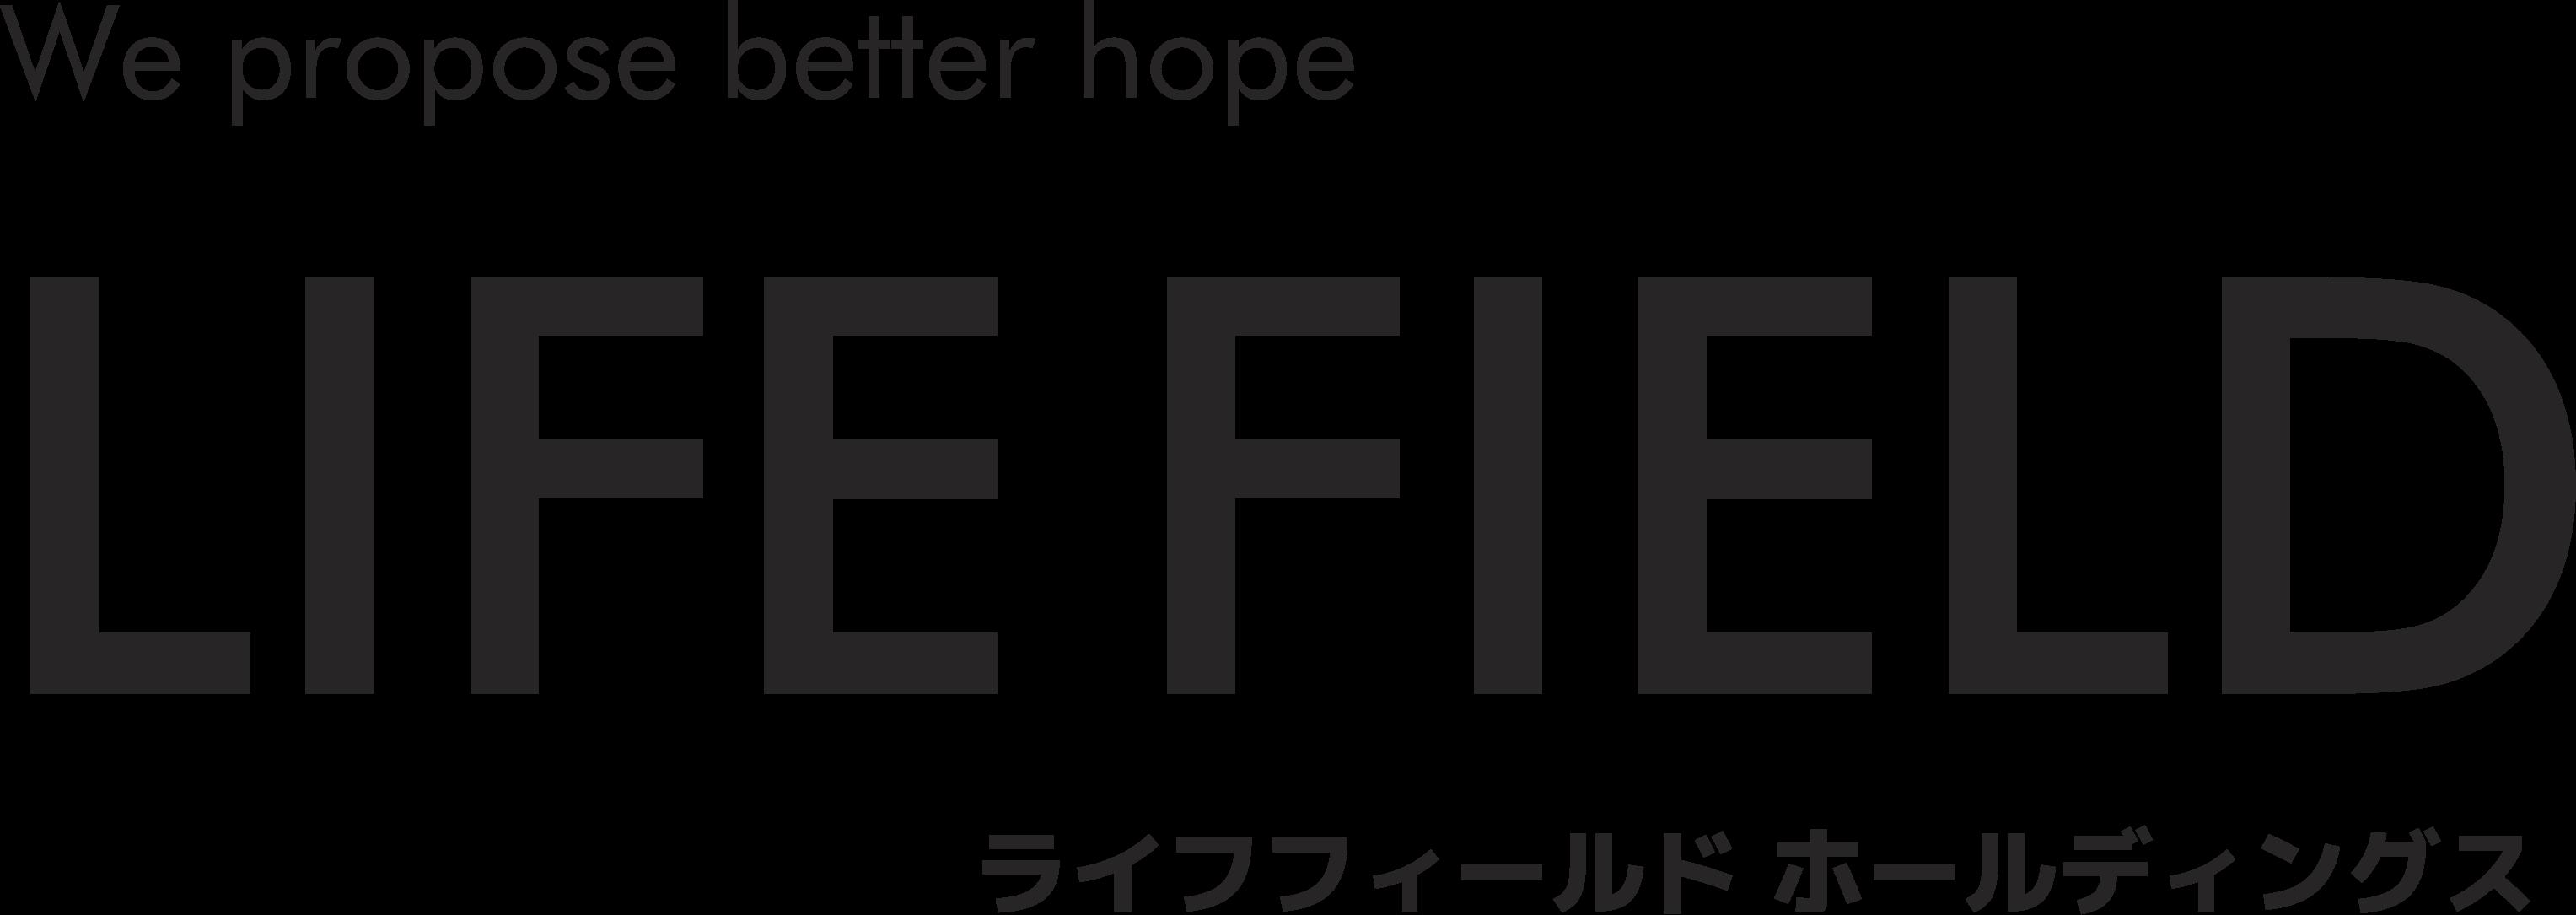 株式会社LIFE FIELD|福岡・博多の不動産グループ【ライフフィールド】